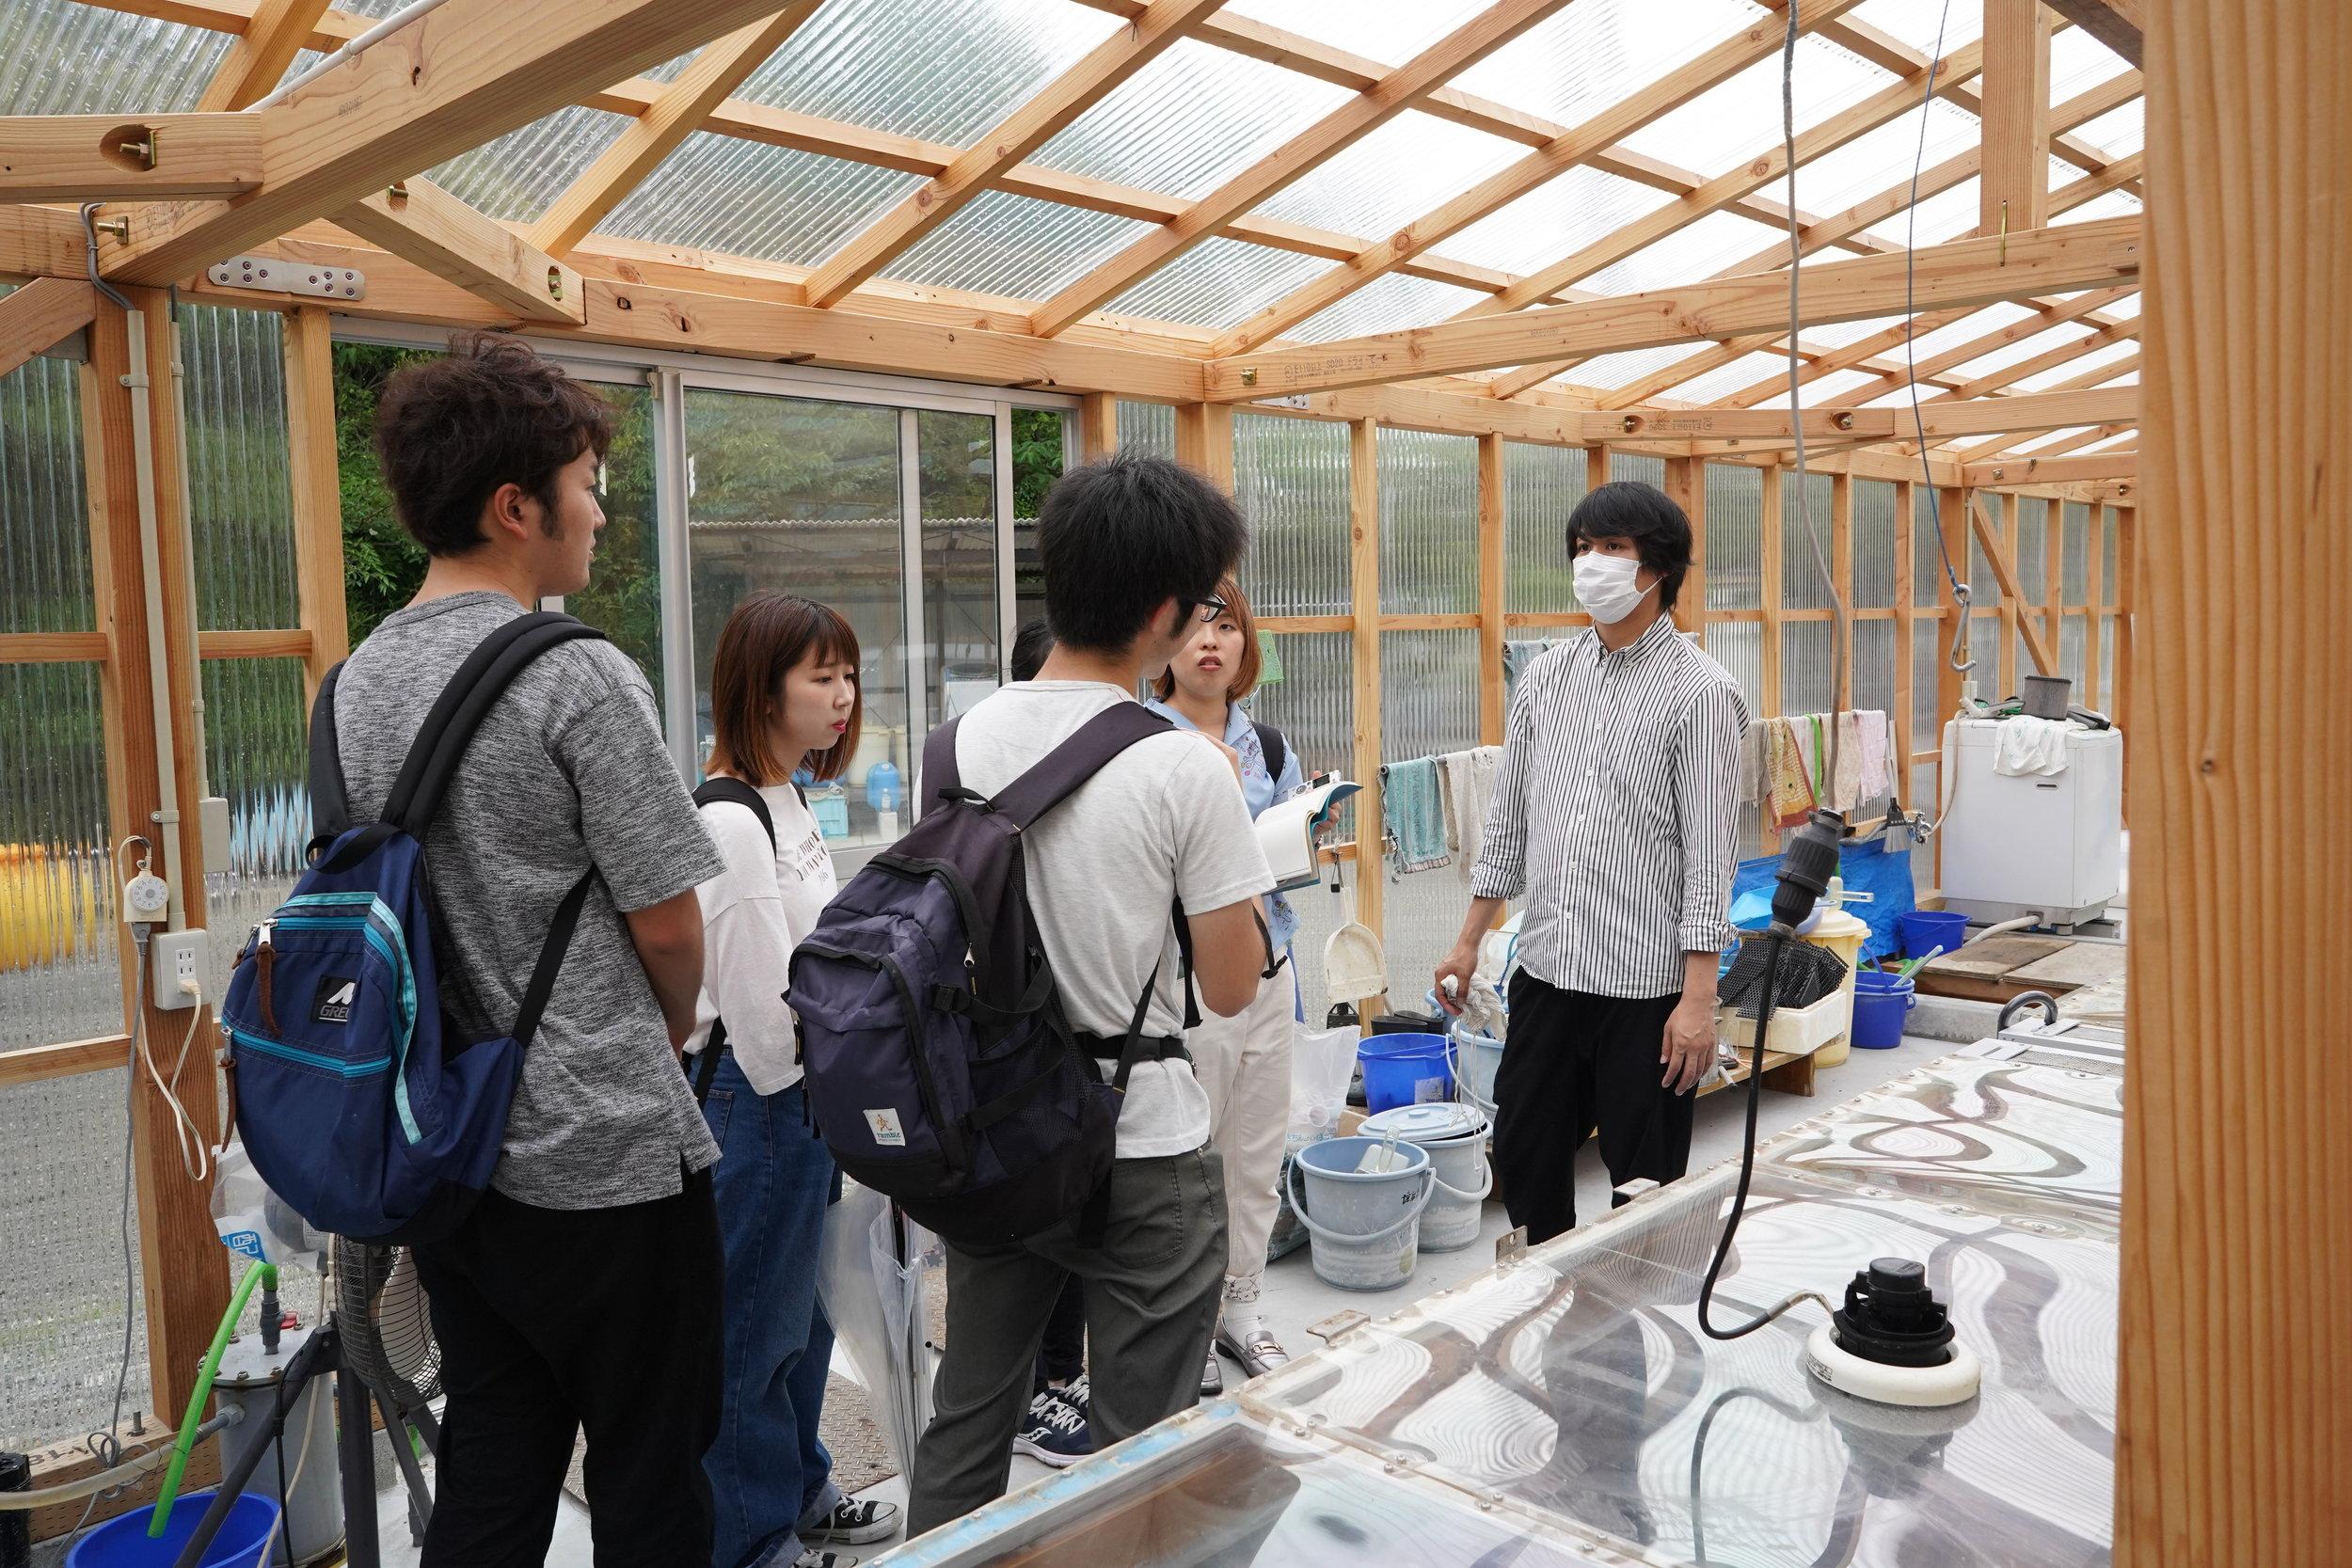 直島で生産されているSOLASHIOの塩工場を見学しました。 Students learned about local salt production at Solashio.